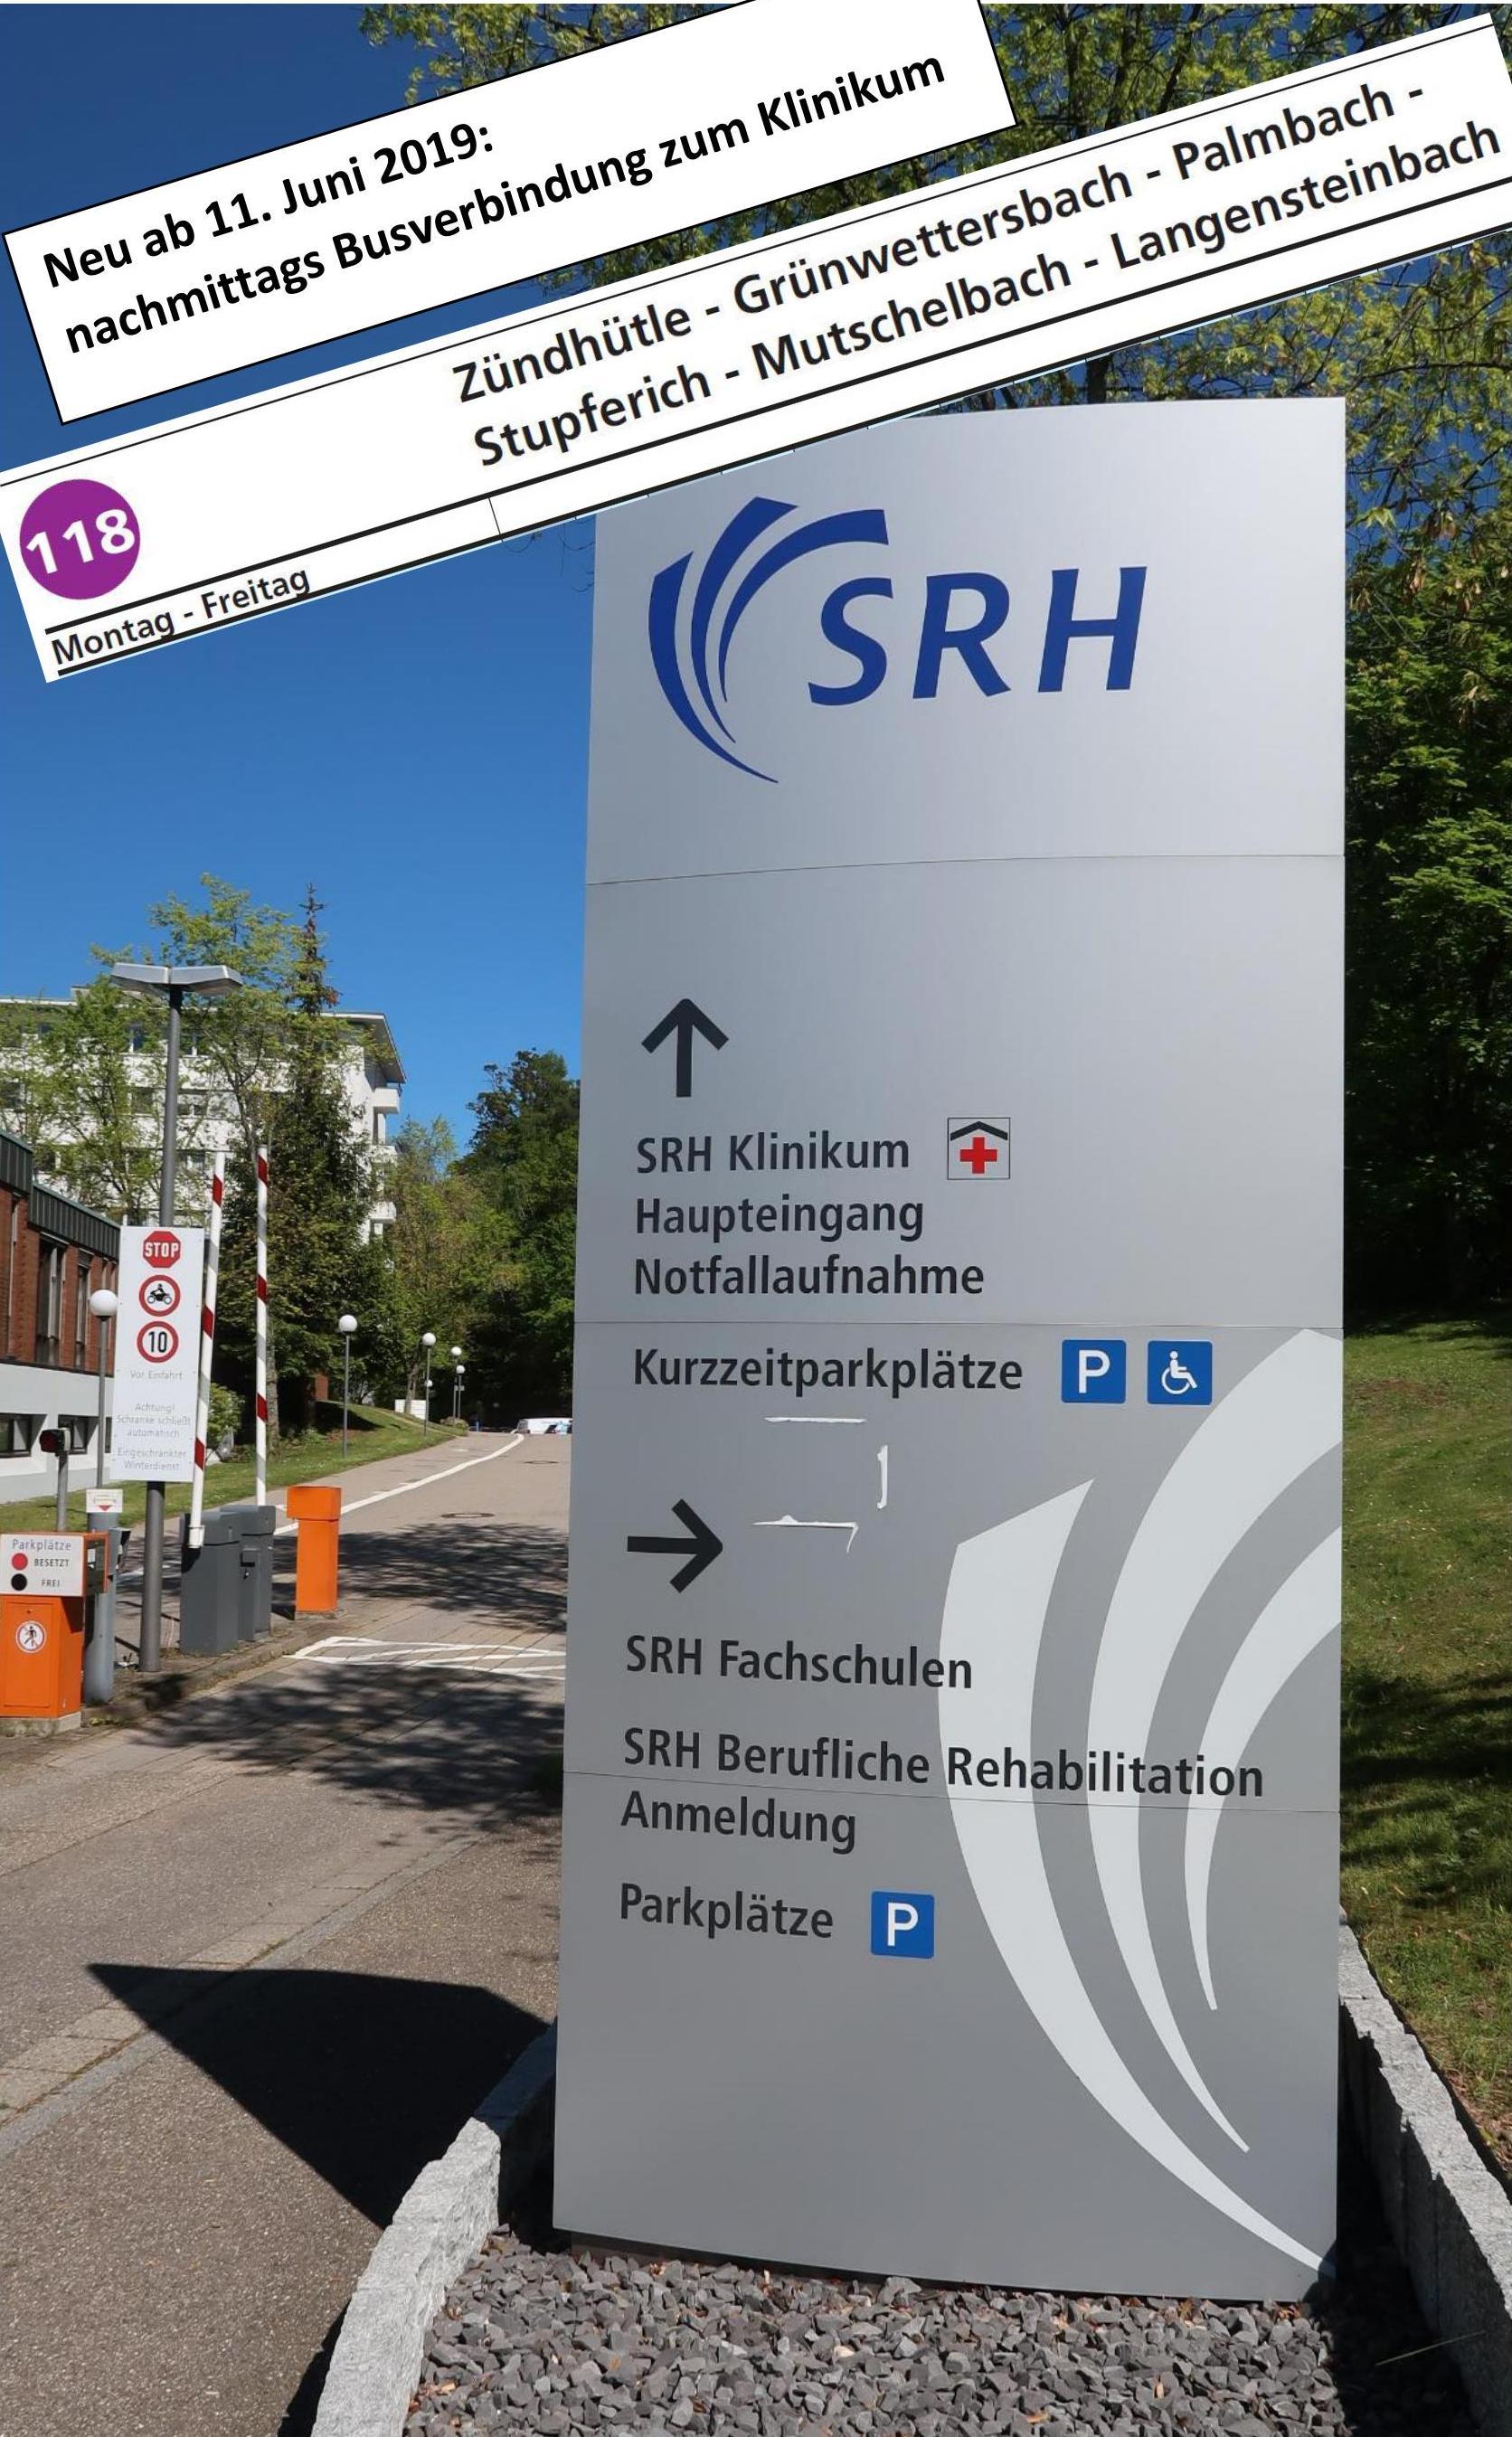 Bus 118 zum SRH-Klinikum Karlsbad - Langensteinbach